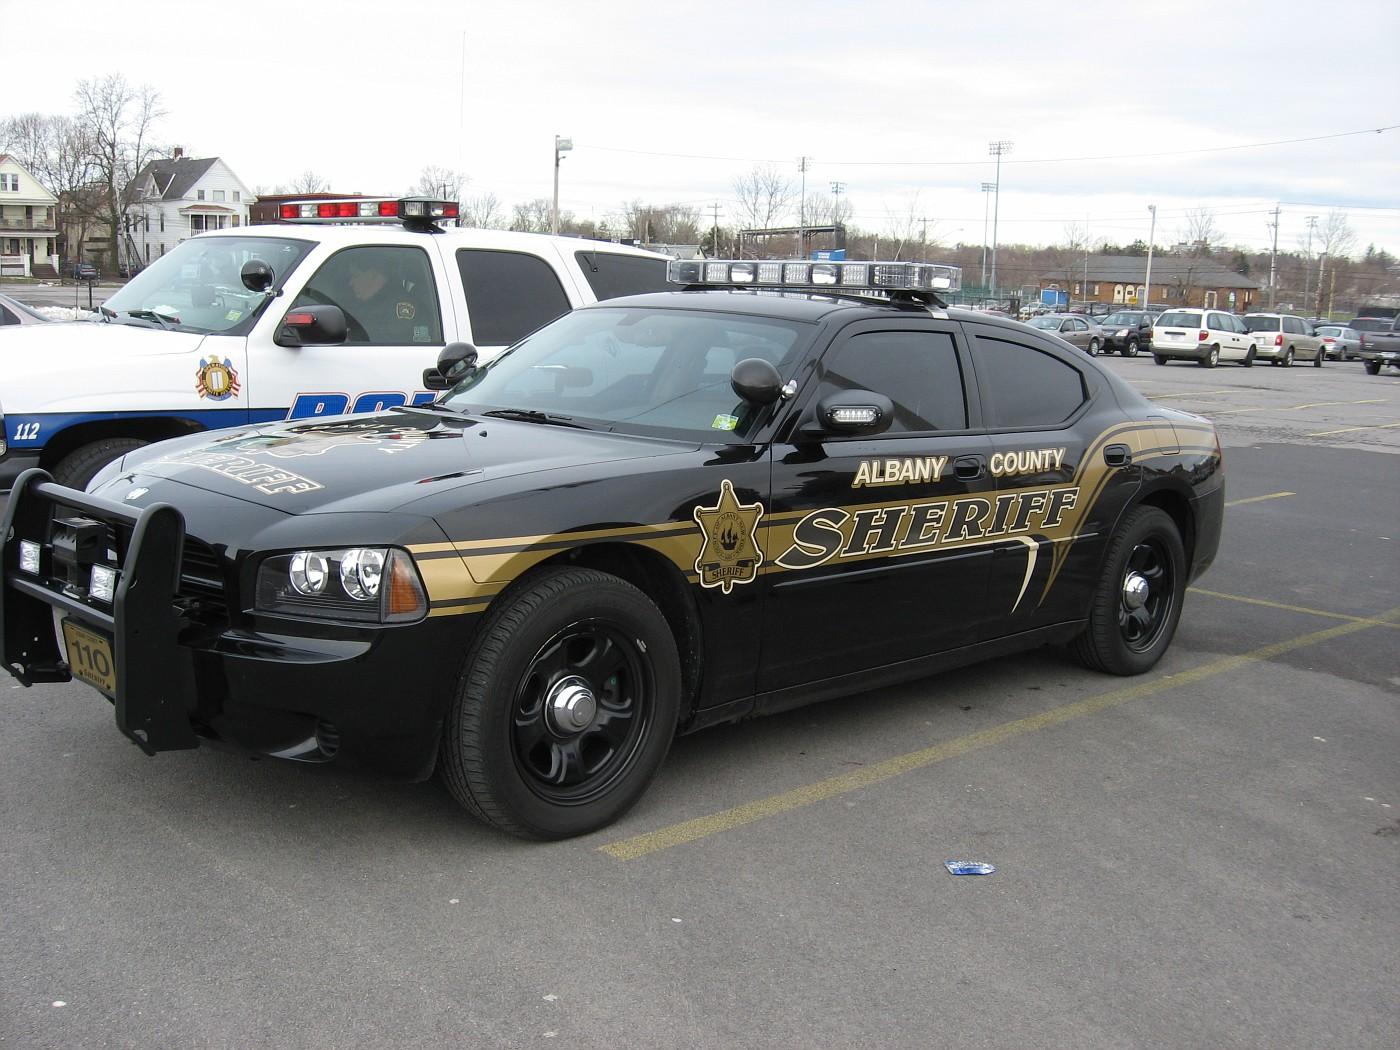 NY - Albany Co Sheriff